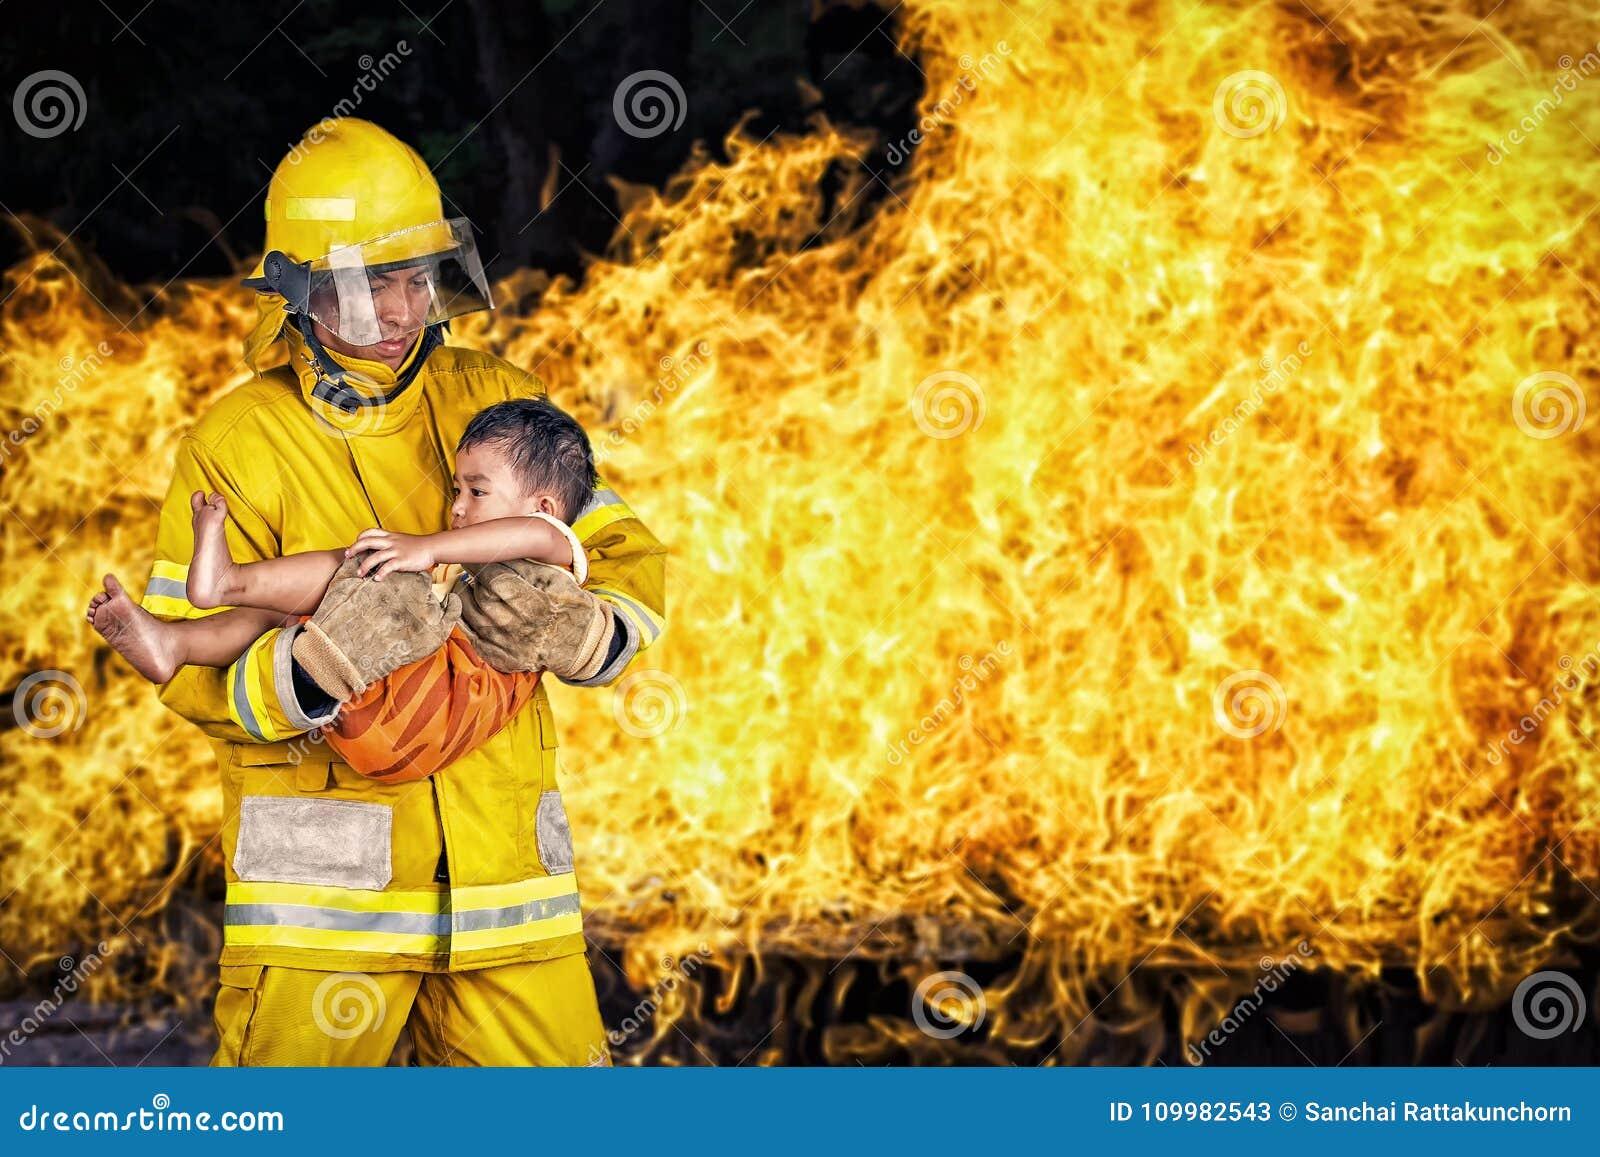 Bombero , reserva del bombero del rescate un niño del incidente del fuego